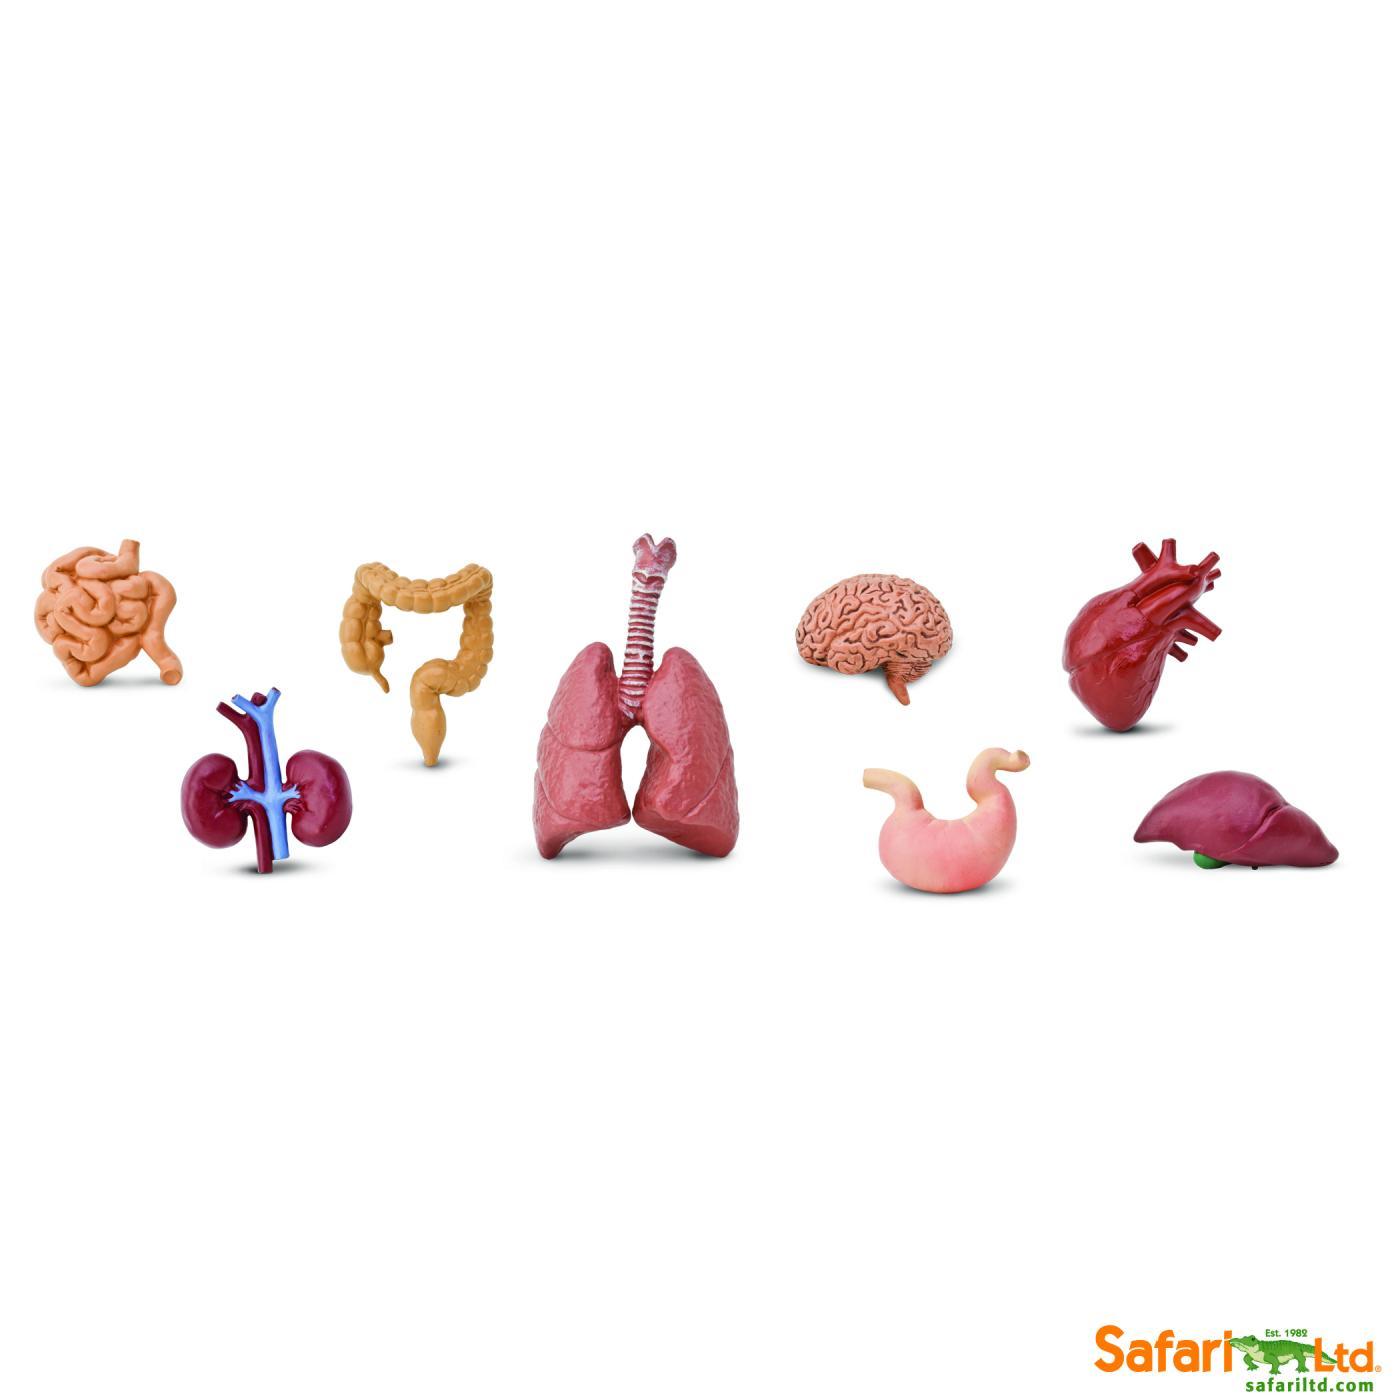 Safari Menschliche Organe 6893 Miniaturen